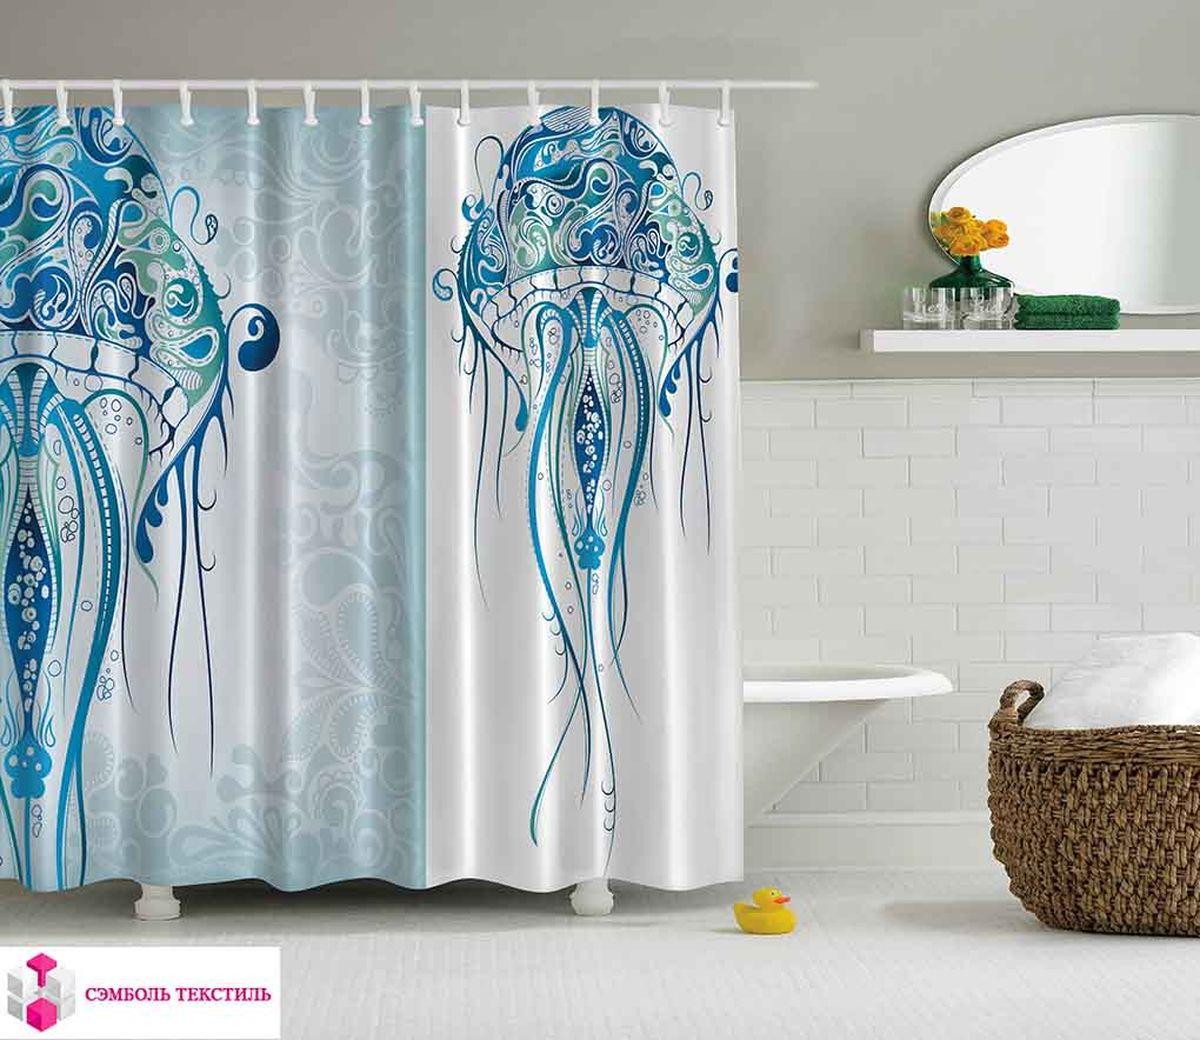 Штора для ванной комнаты Magic Lady Огромная медуза с узорами, 180 х 200 см391602Штора Magic Lady Огромная медуза с узорами, изготовленная из высококачественного сатена (полиэстер 100%), отлично дополнит любой интерьер ванной комнаты. При изготовлении используются специальные гипоаллергенные чернила для прямой печати по ткани, безопасные для человека.В комплекте: 1 штора, 12 крючков. Обращаем ваше внимание, фактический цвет изделия может незначительно отличаться от представленного на фото.